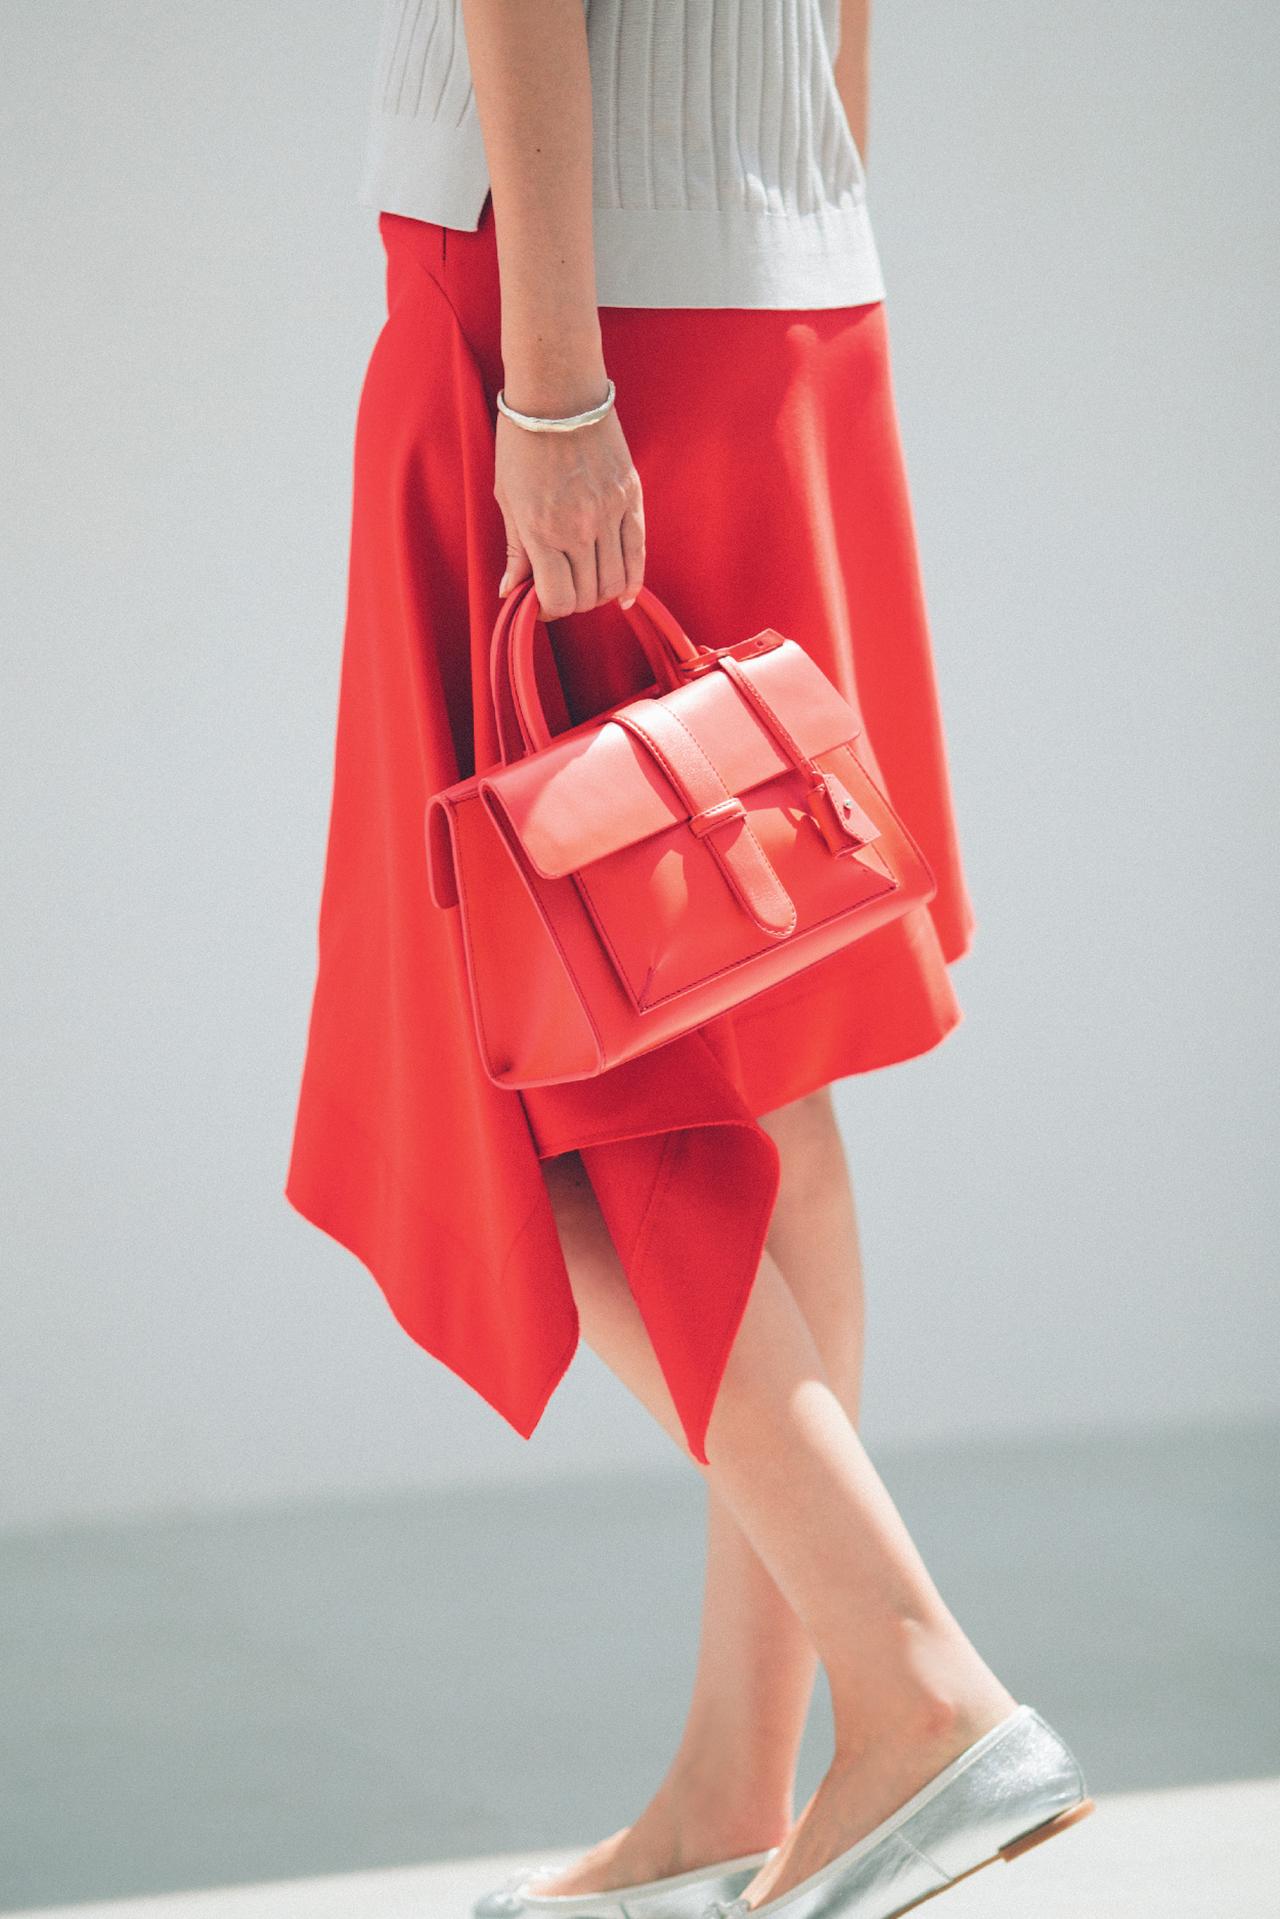 赤のもつ女らしさを、ストレートに発揮できるスカート 五選_1_1-1